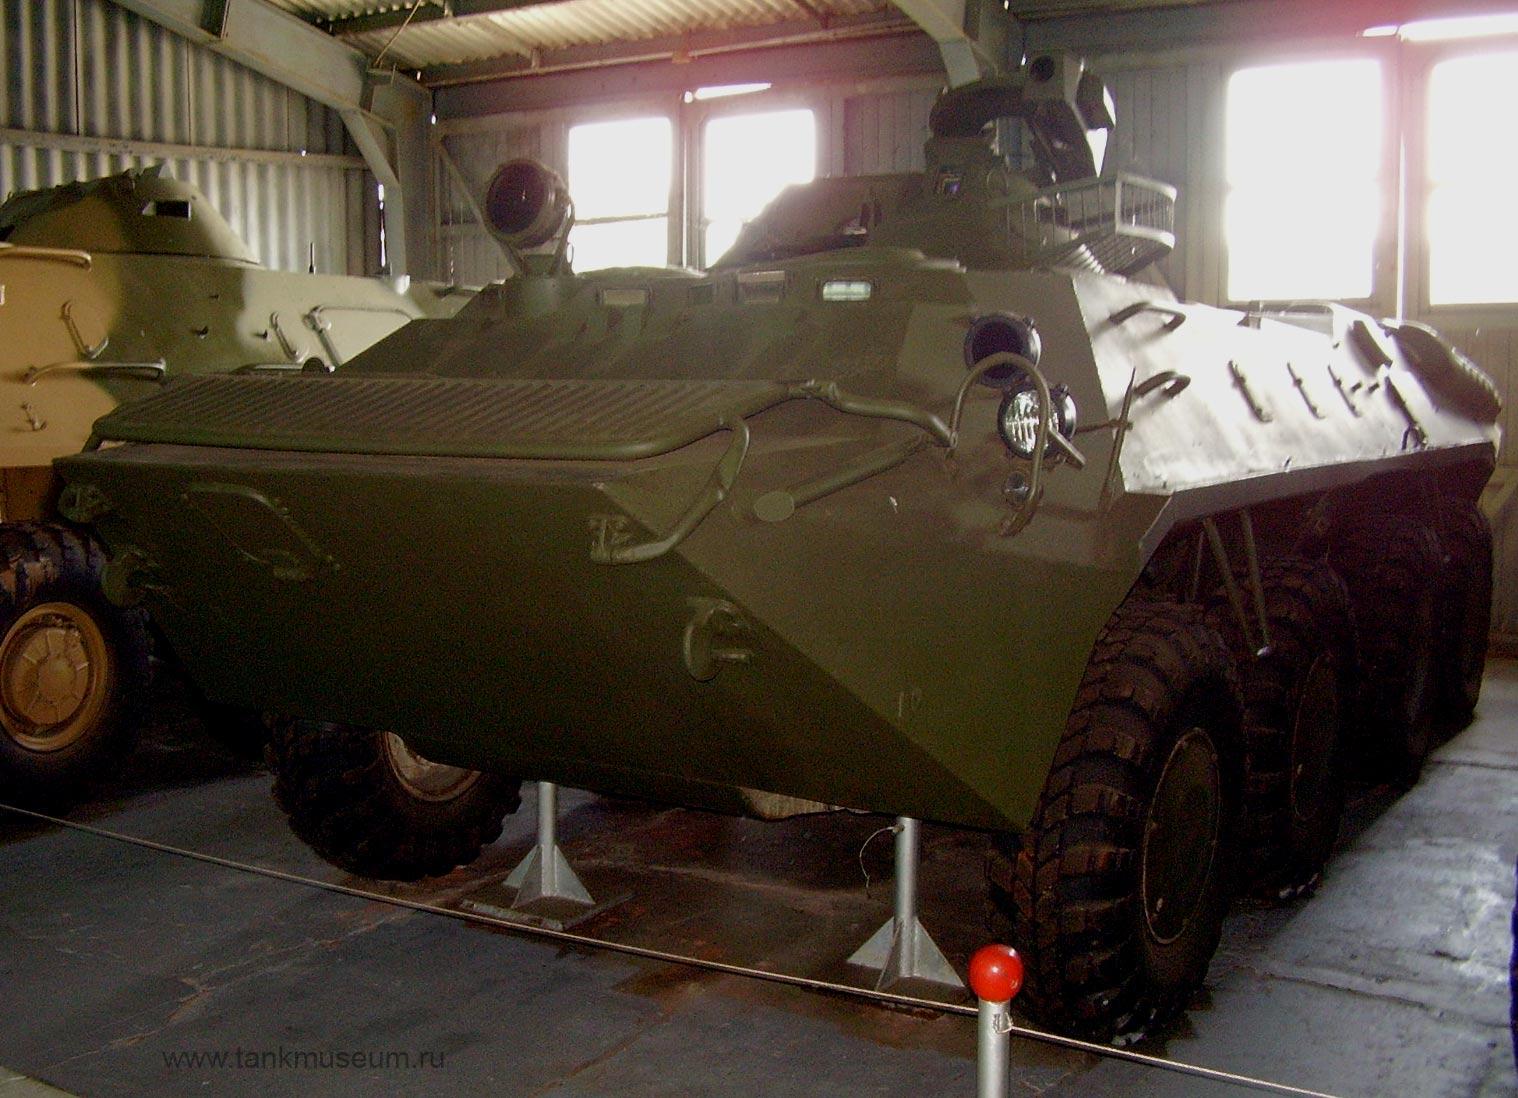 Бронетранспортер БТР-70, танковый музей в Кубинке